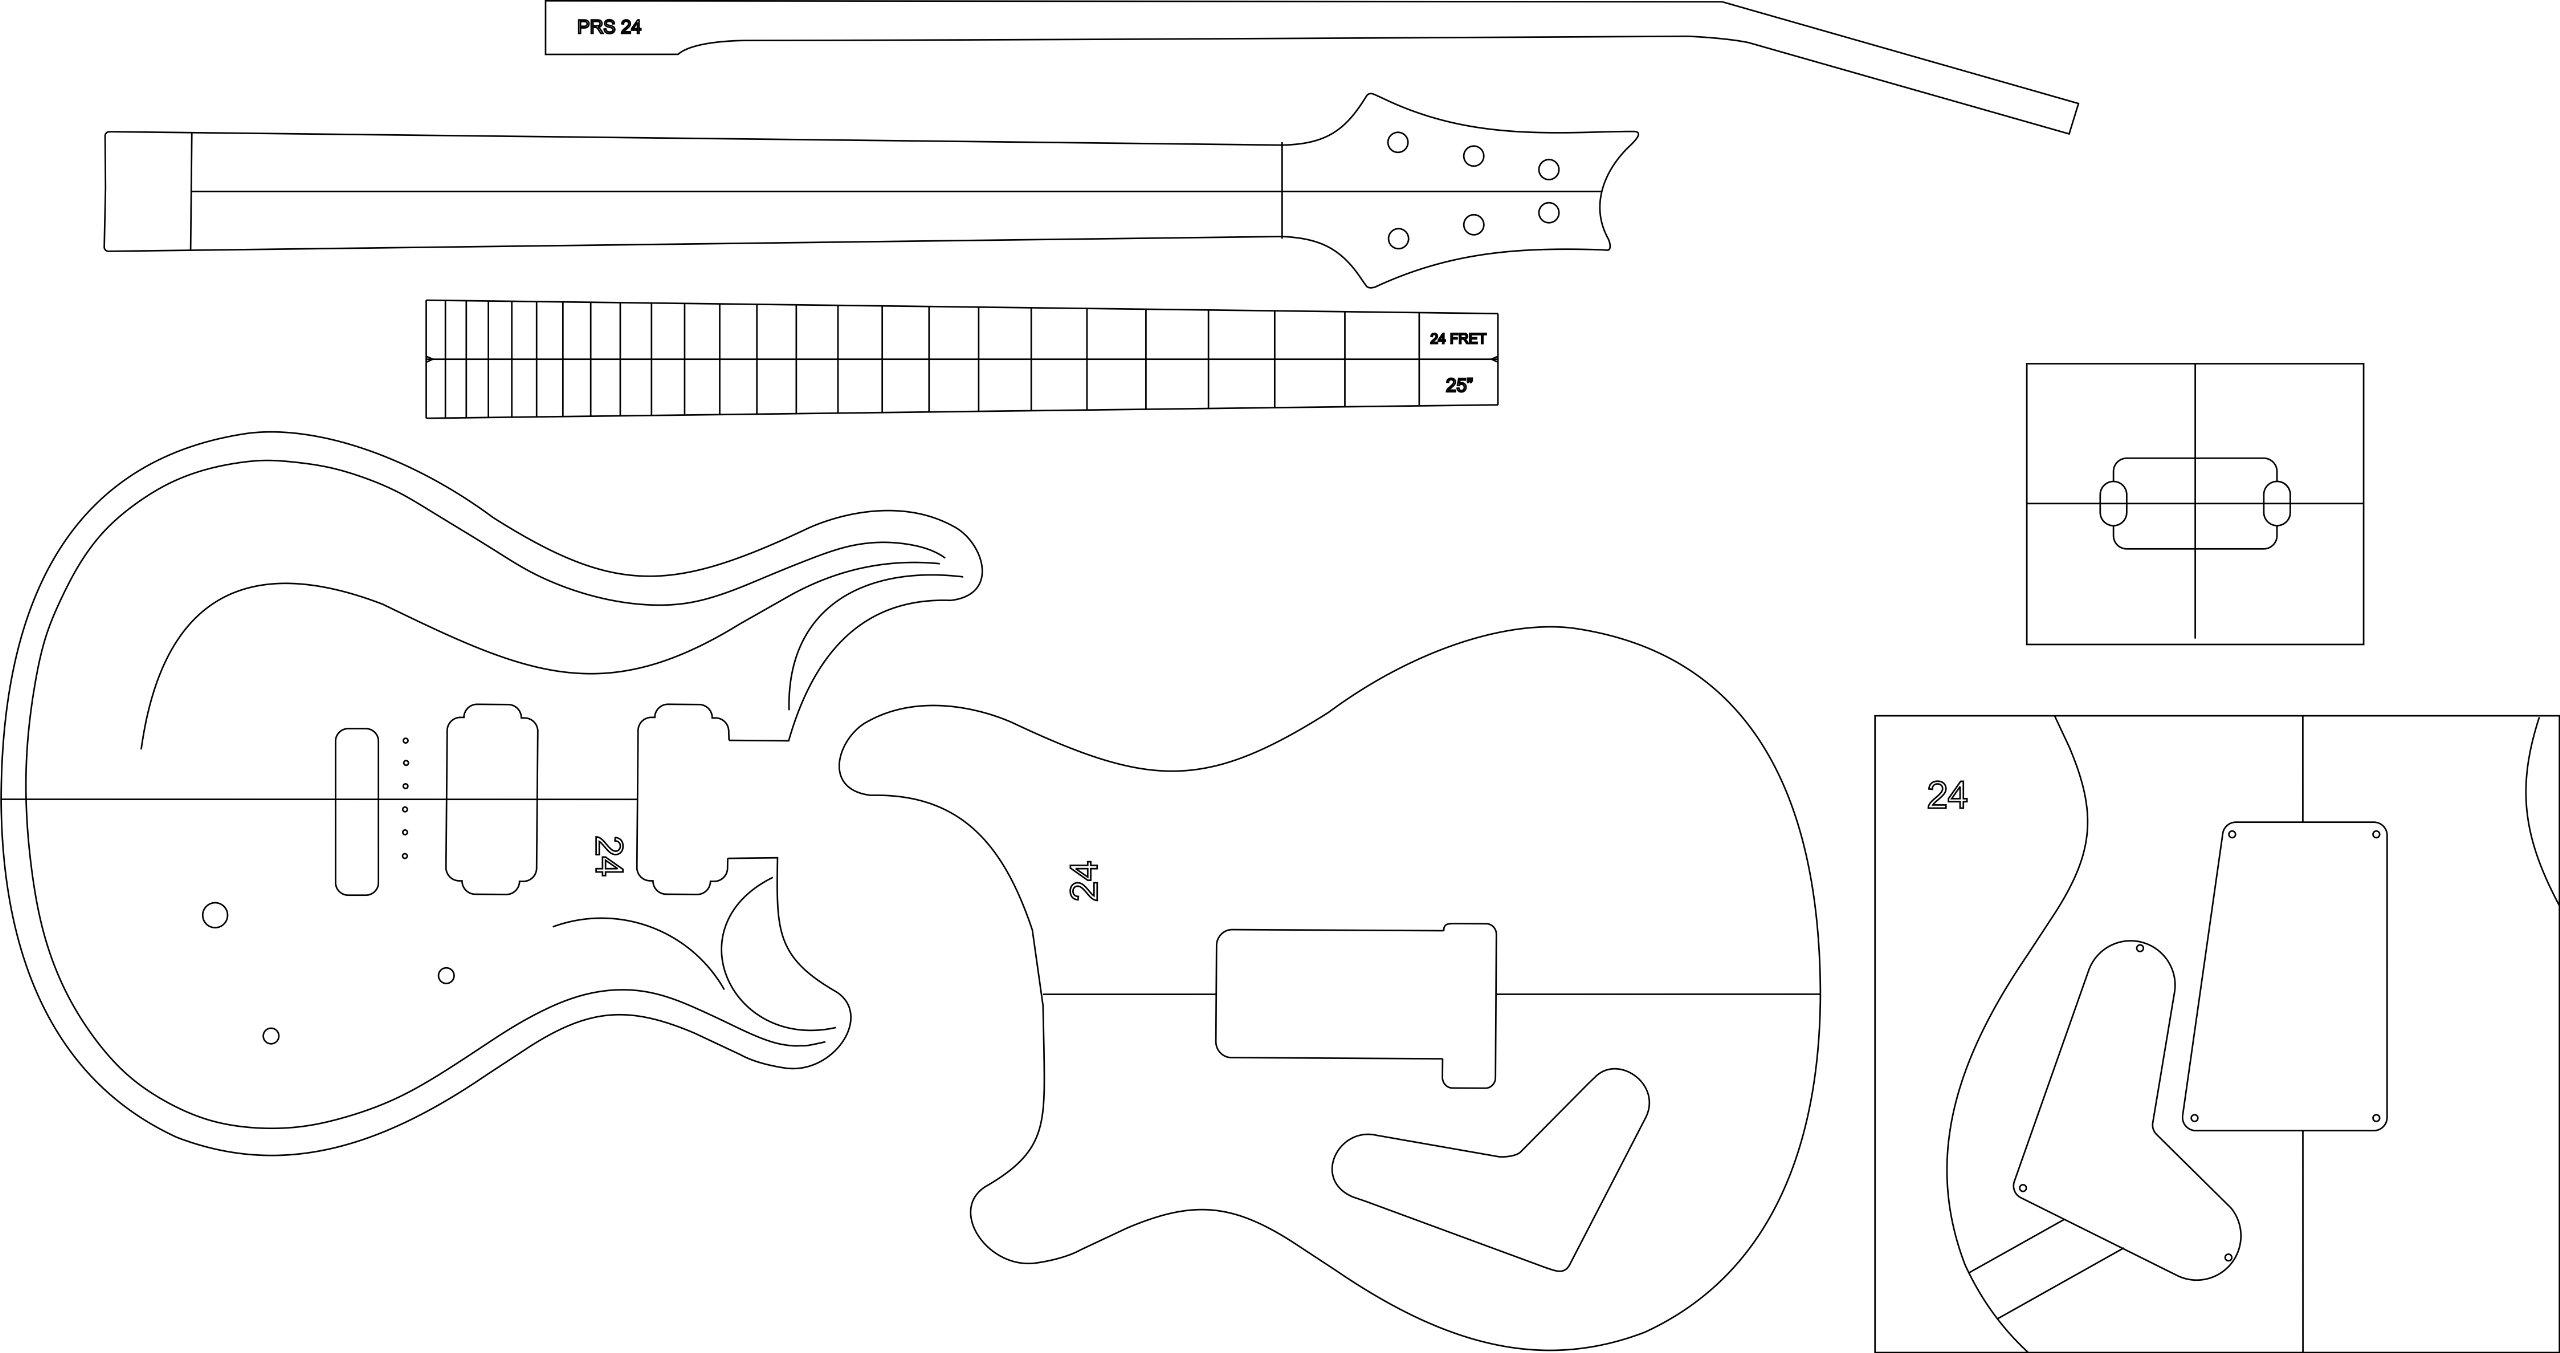 Guitarra eléctrica enrutamiento plantilla – prs24: Amazon.es ...